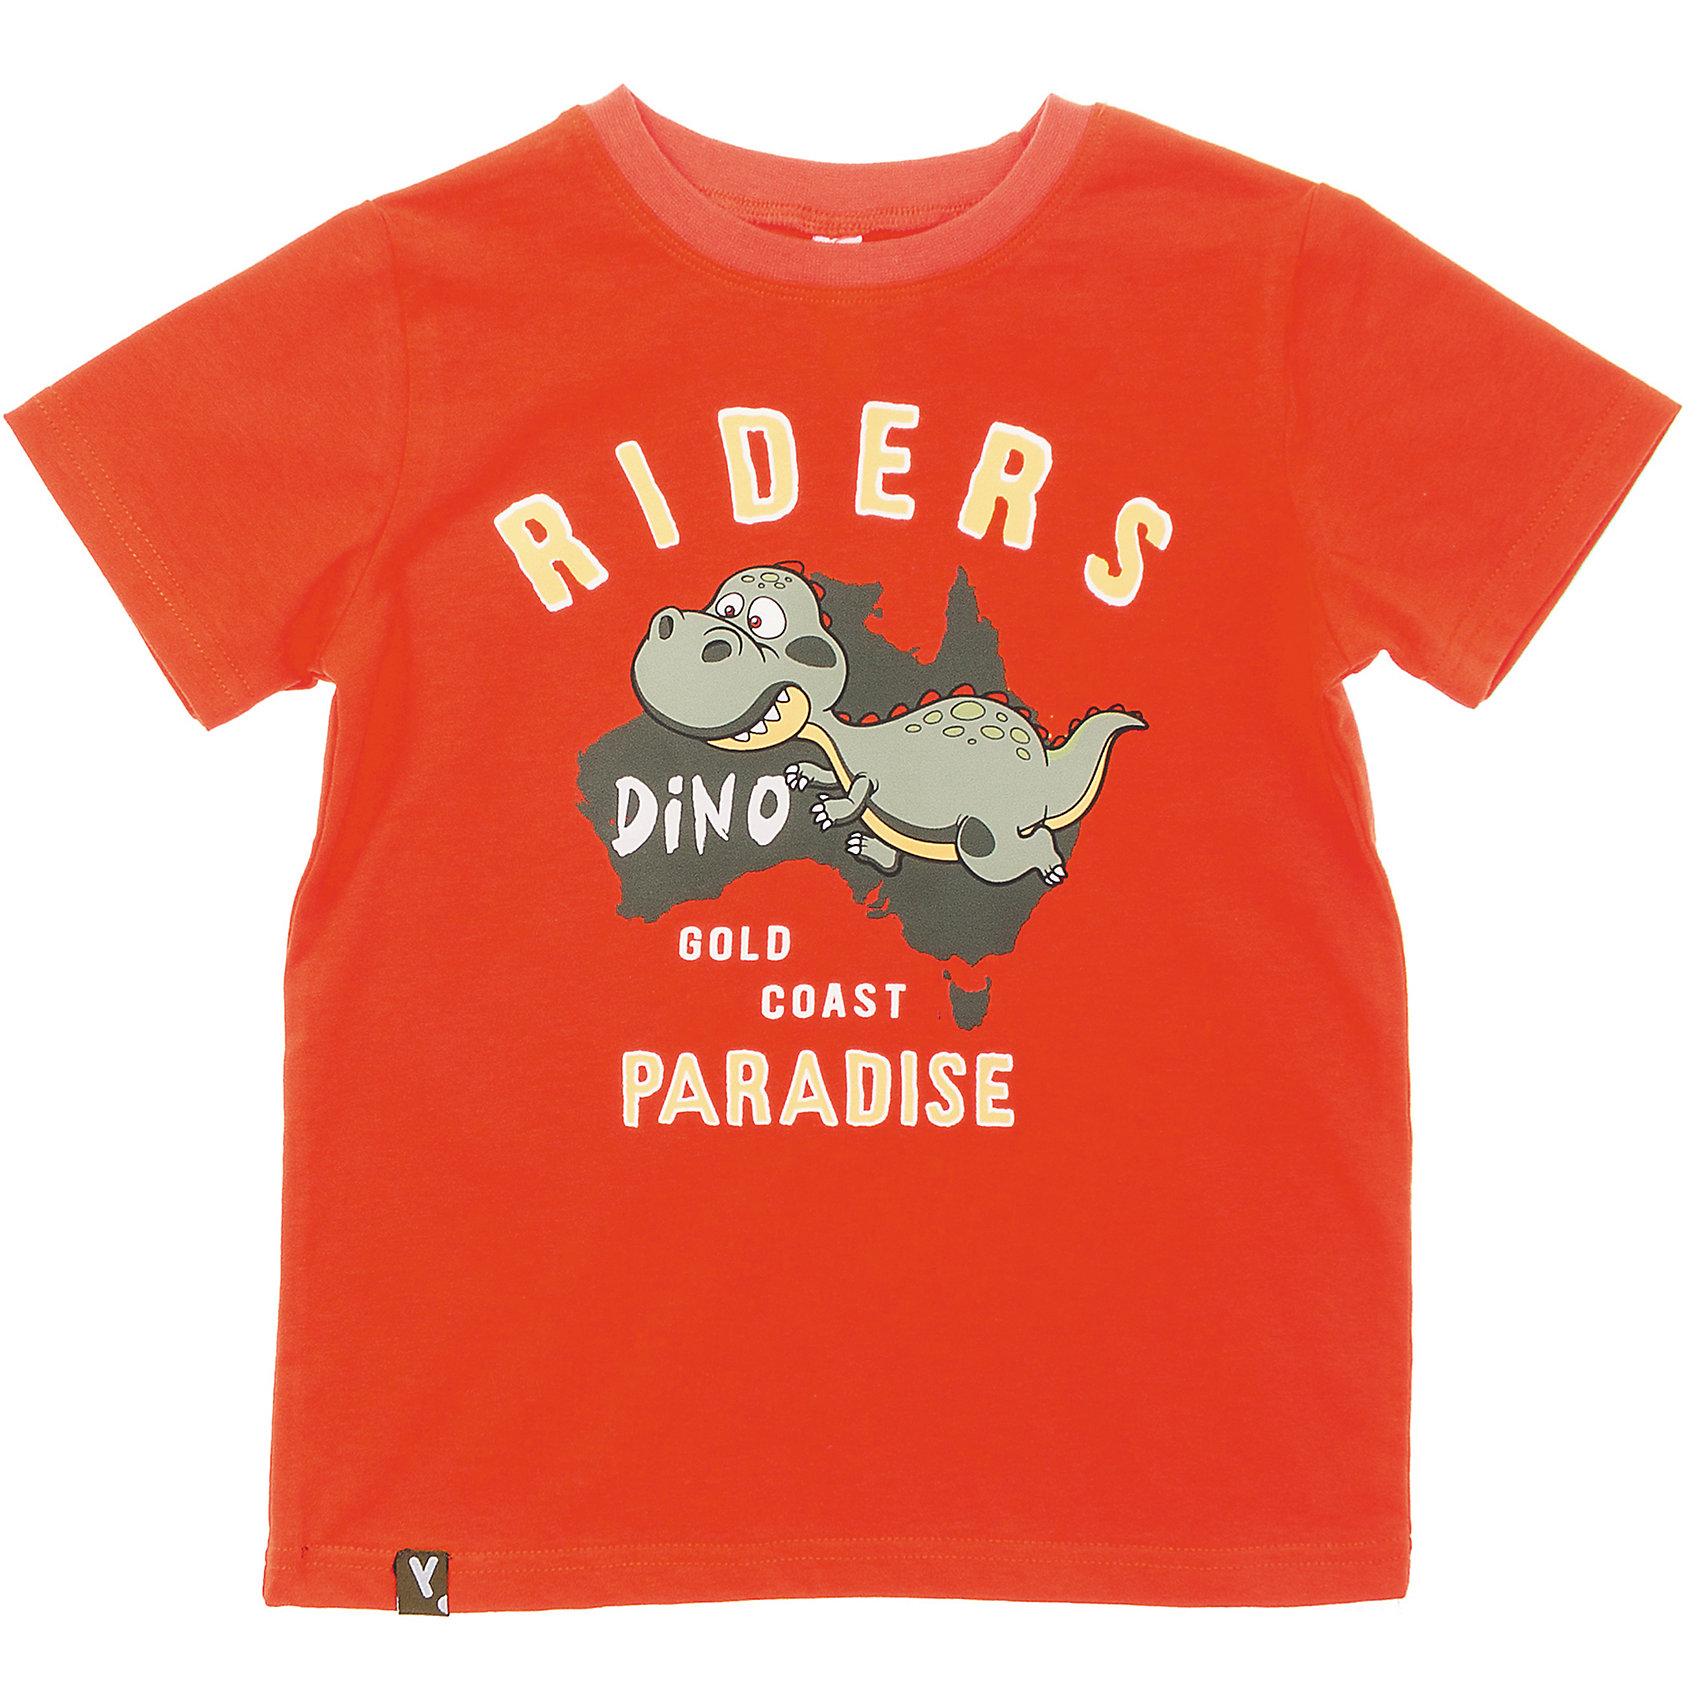 Футболка для мальчика PlayTodayСтильная хлопковая футболка красно-оранжевого цвета. Украшена резиновым принтом с динозавром. На воротнике мягкая резинка. Состав: 95% хлопок, 5% эластан<br><br>Ширина мм: 199<br>Глубина мм: 10<br>Высота мм: 161<br>Вес г: 151<br>Цвет: оранжевый<br>Возраст от месяцев: 36<br>Возраст до месяцев: 48<br>Пол: Мужской<br>Возраст: Детский<br>Размер: 104,98,116,128,122,110<br>SKU: 4652477